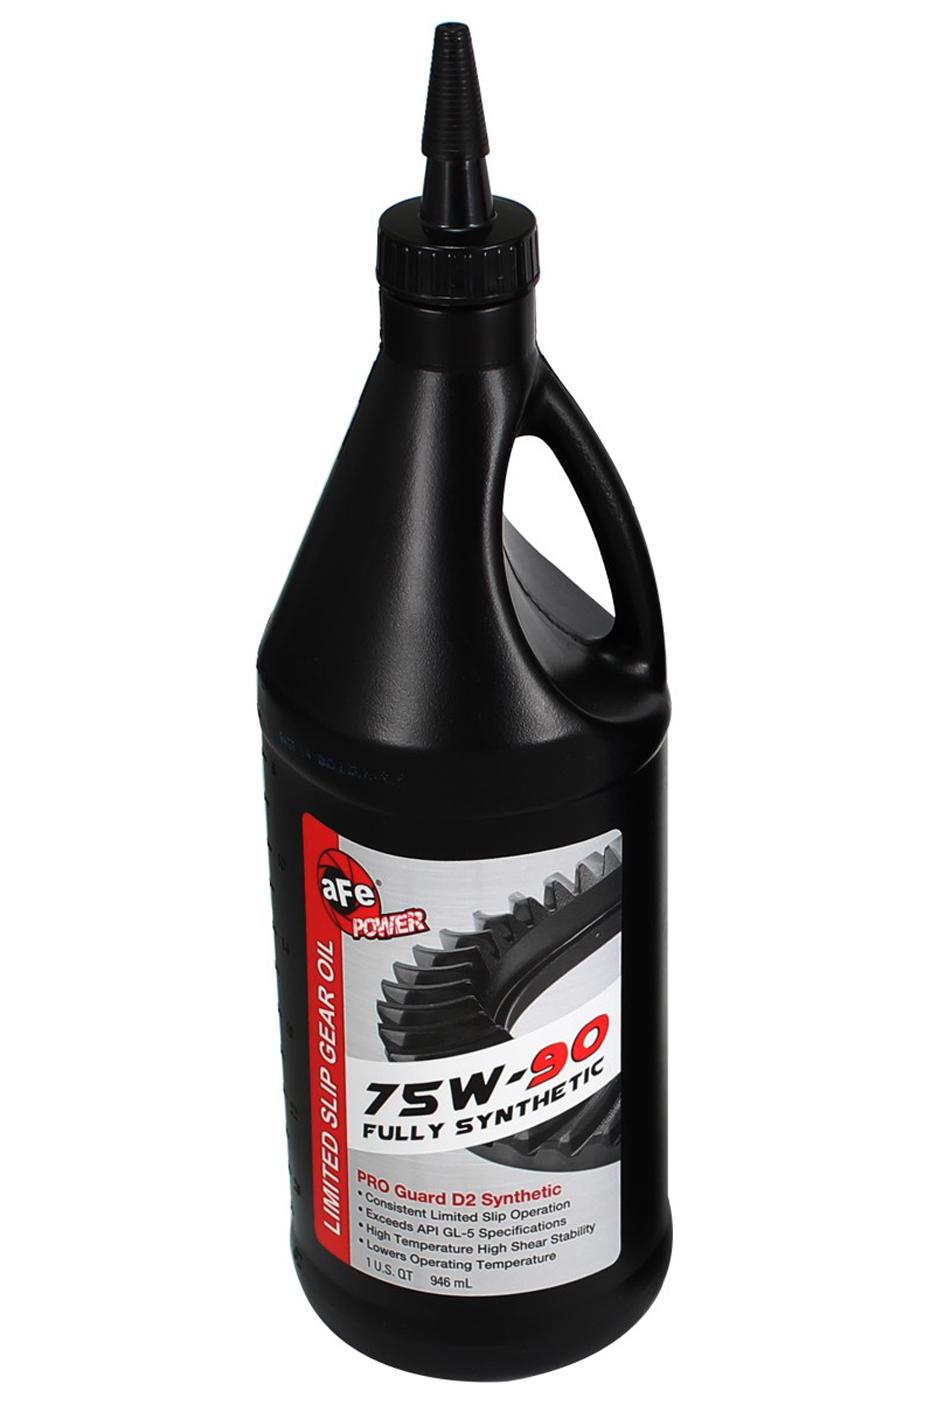 Gear Oil 75w90 1 Quart